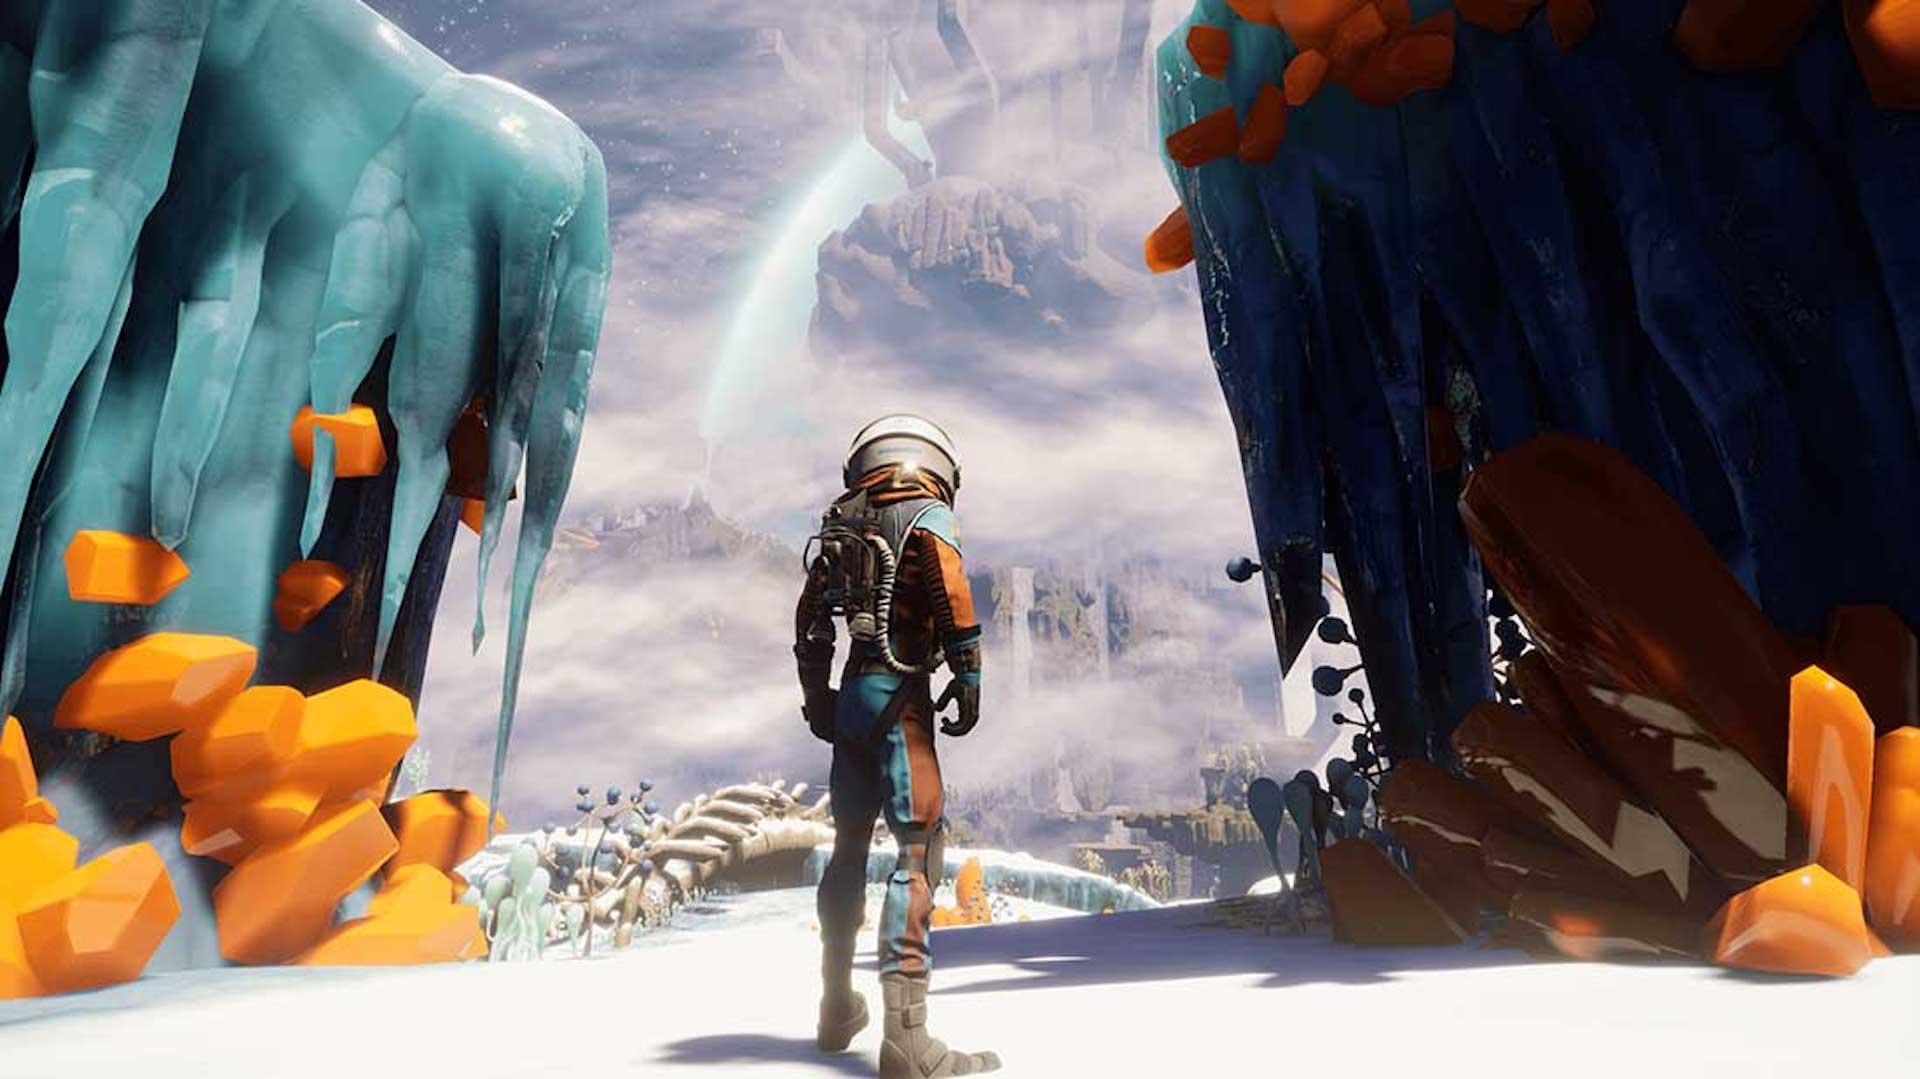 Chuyến đi đến The Interview of Savage Planet: thiết kế, hình ảnh, môi trường và những thứ khác 3